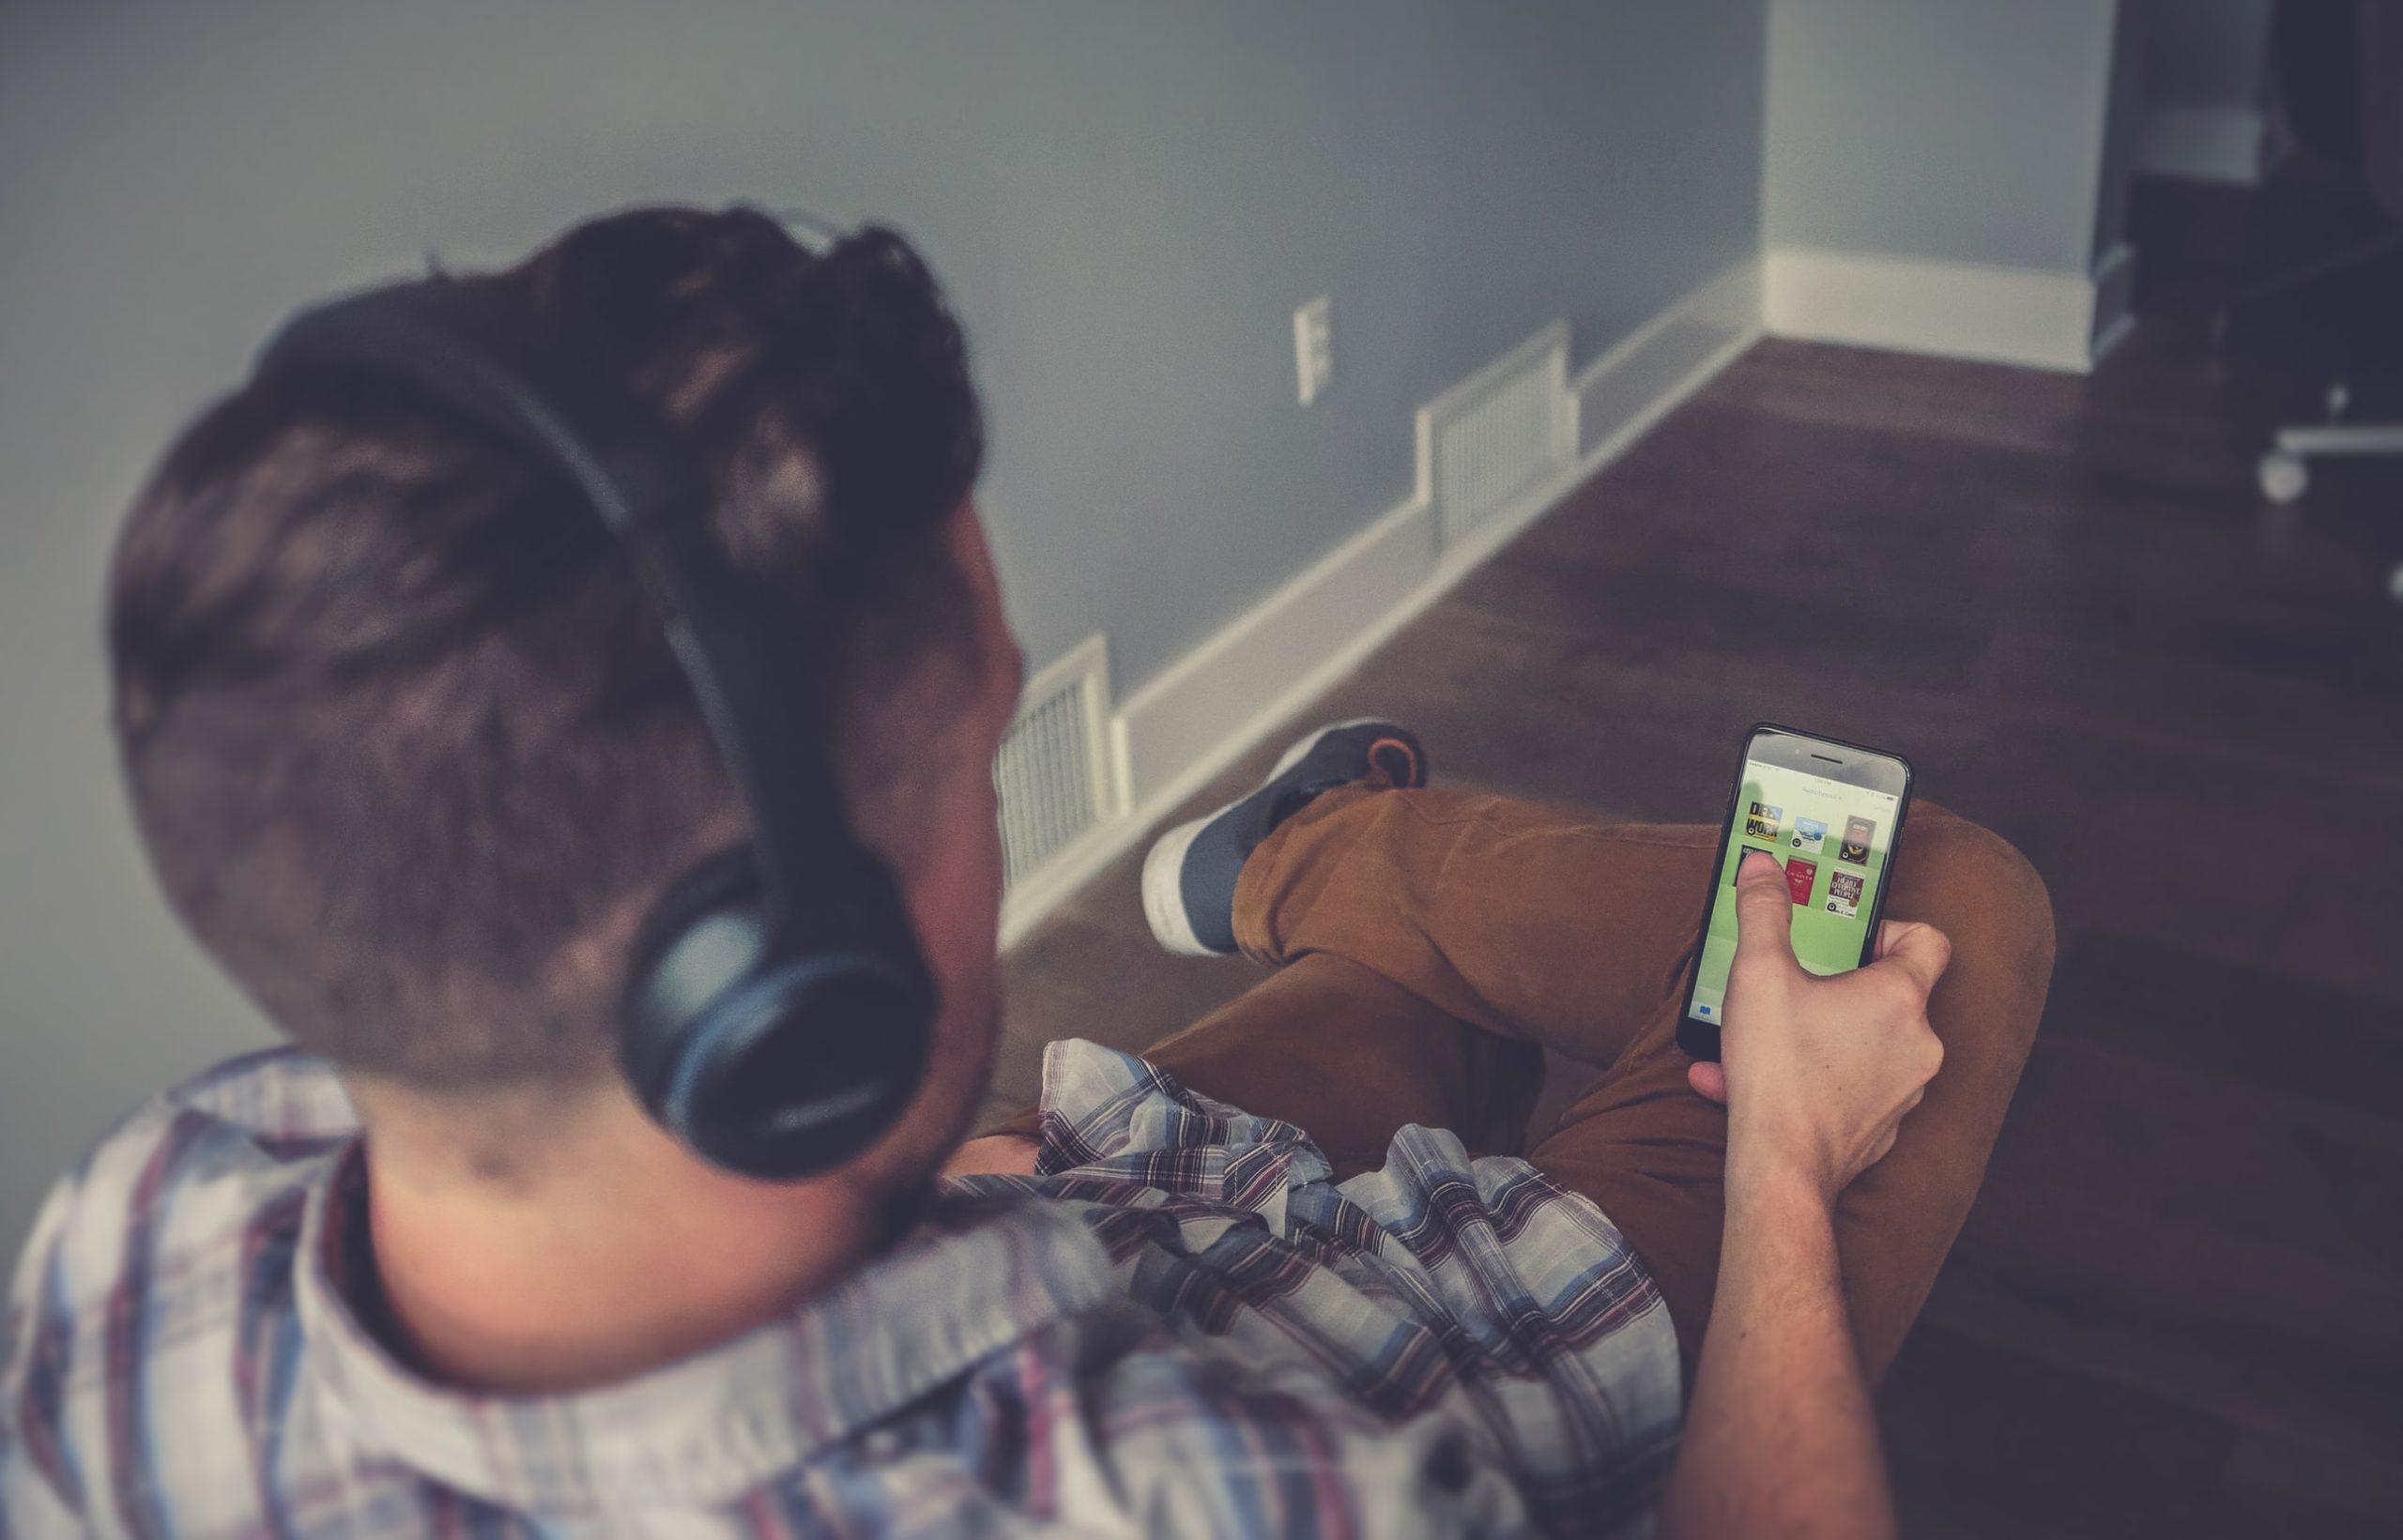 オーディオブックを聴く男性